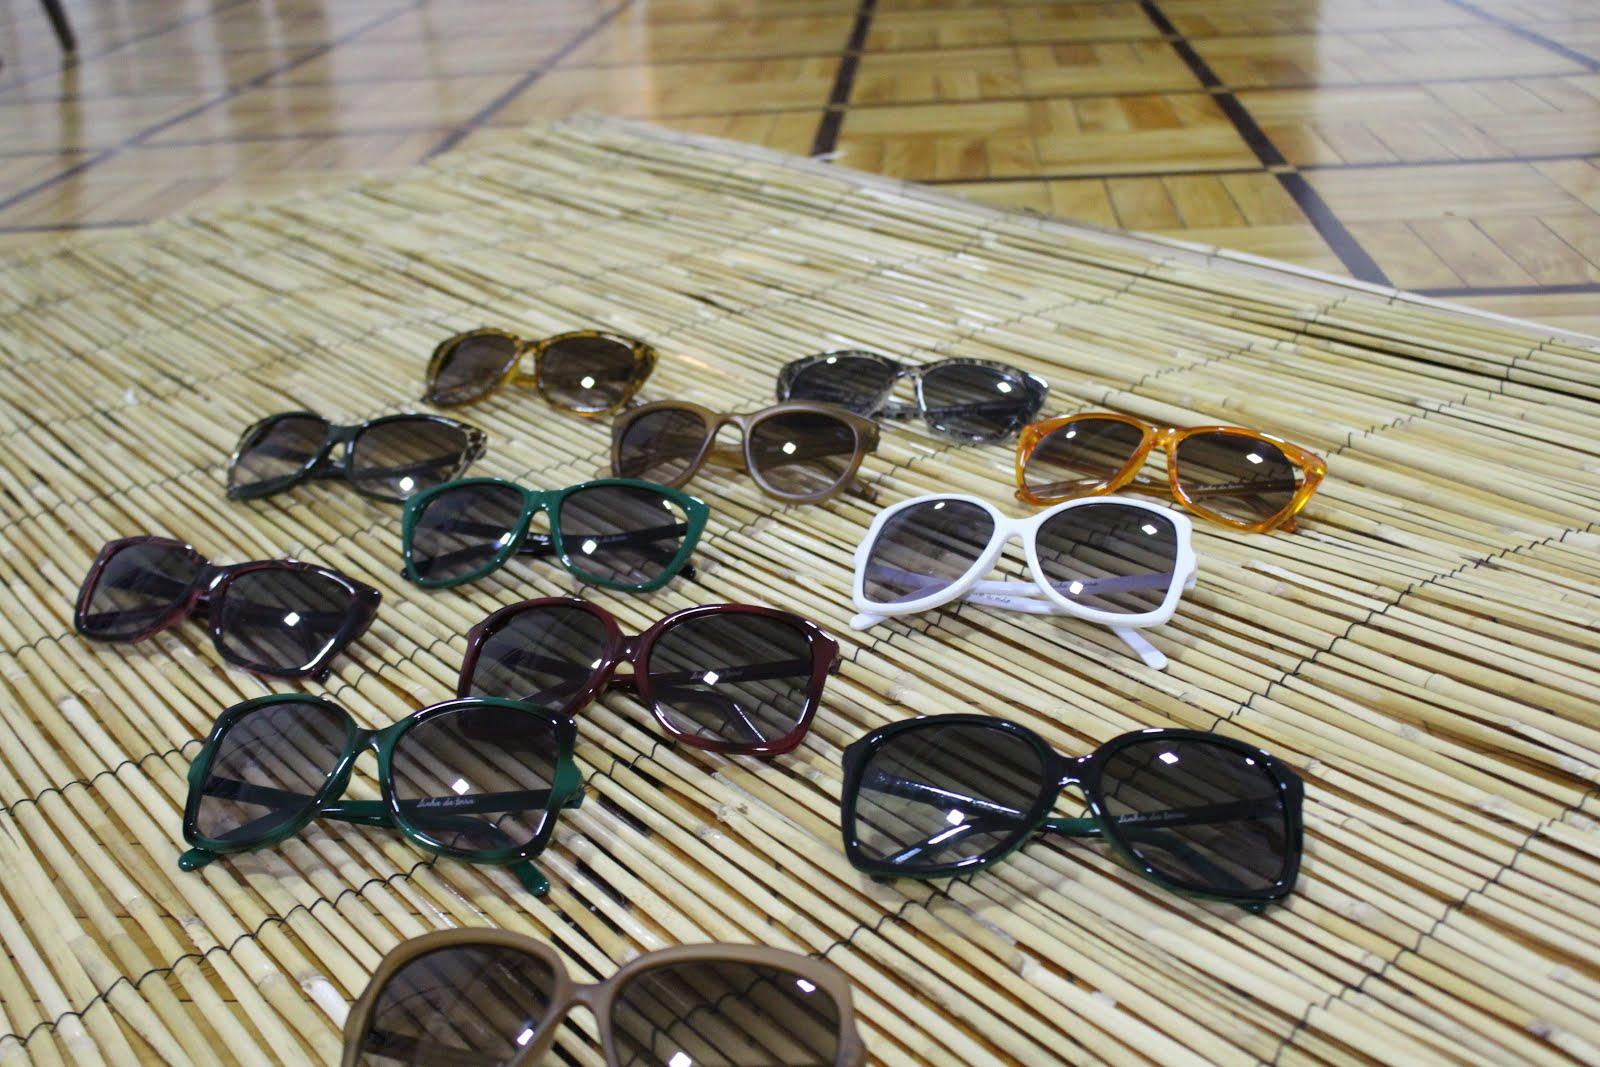 Dia Mundial da Saúde Ocular  Ferrovia Eyewear promove Ação de prevenção e  apoio aos deficientes visuais ~ Ceará é Notícia ef54cc1caf